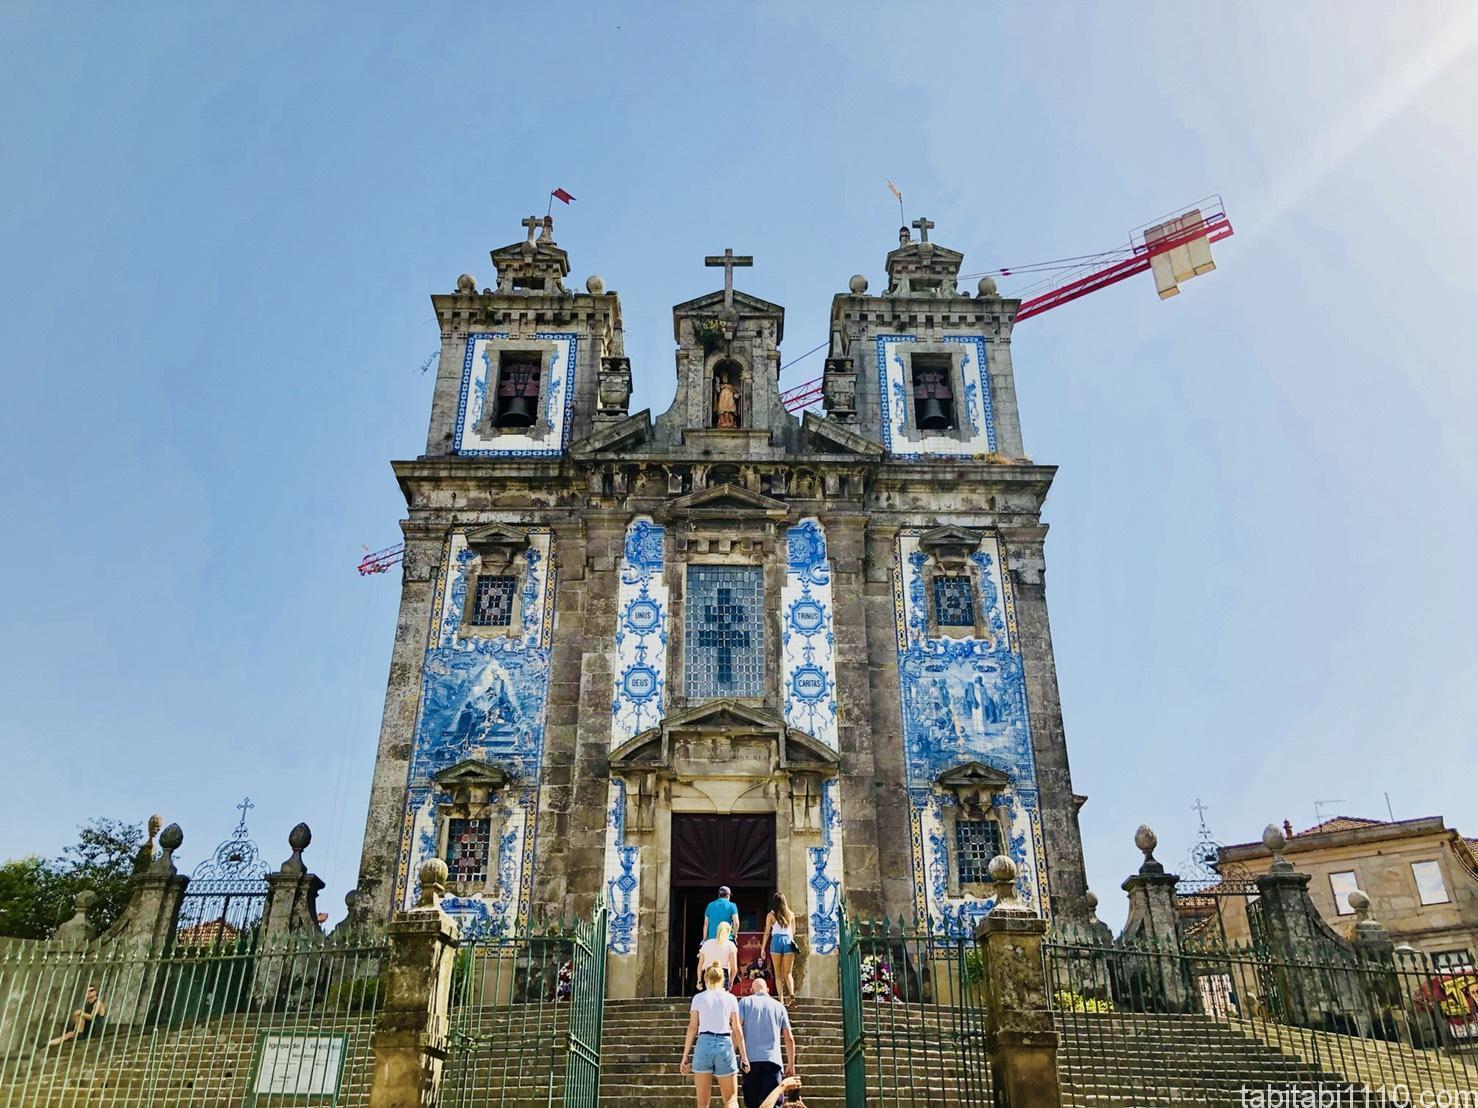 ポルト|サントイルデフォンソ教会